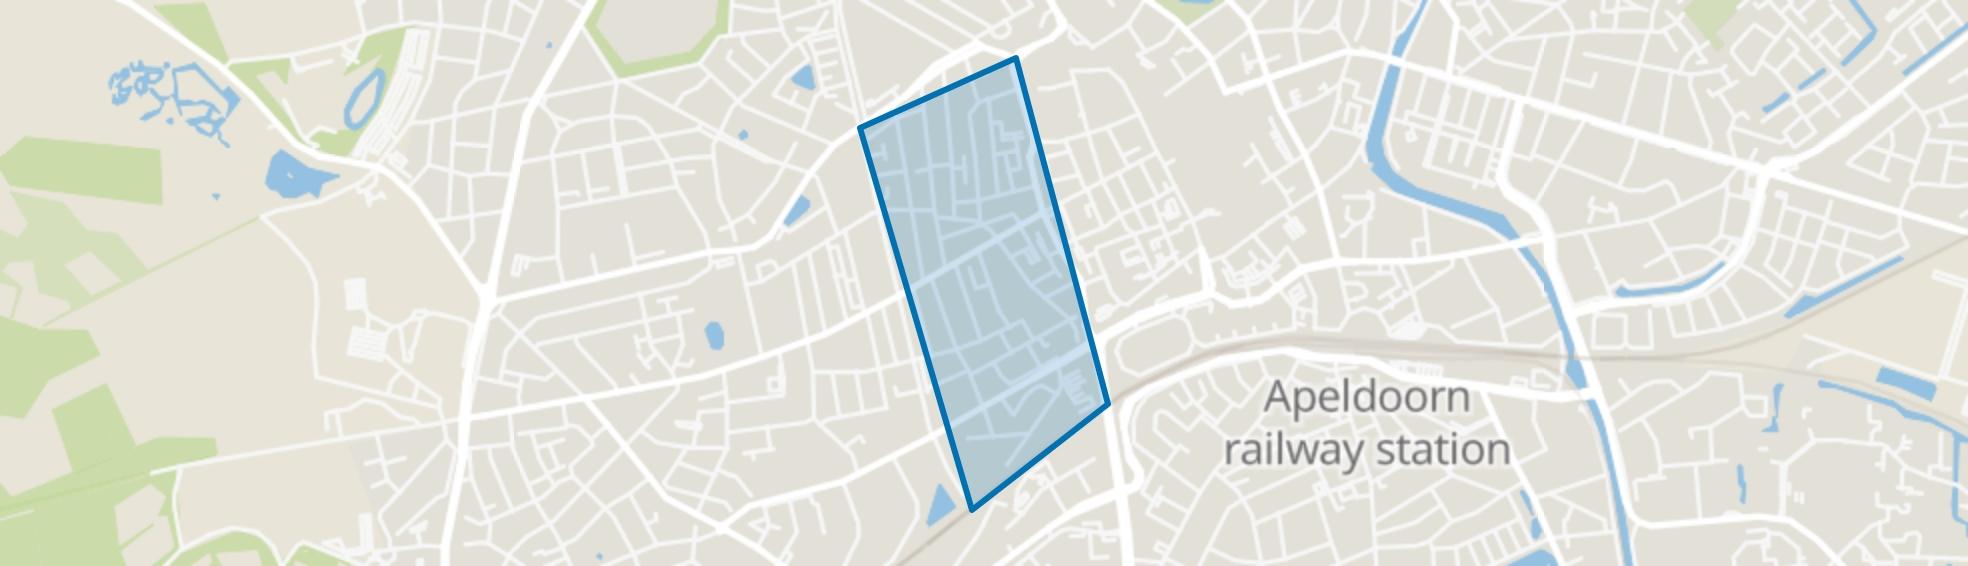 Brinkhorst, Apeldoorn map